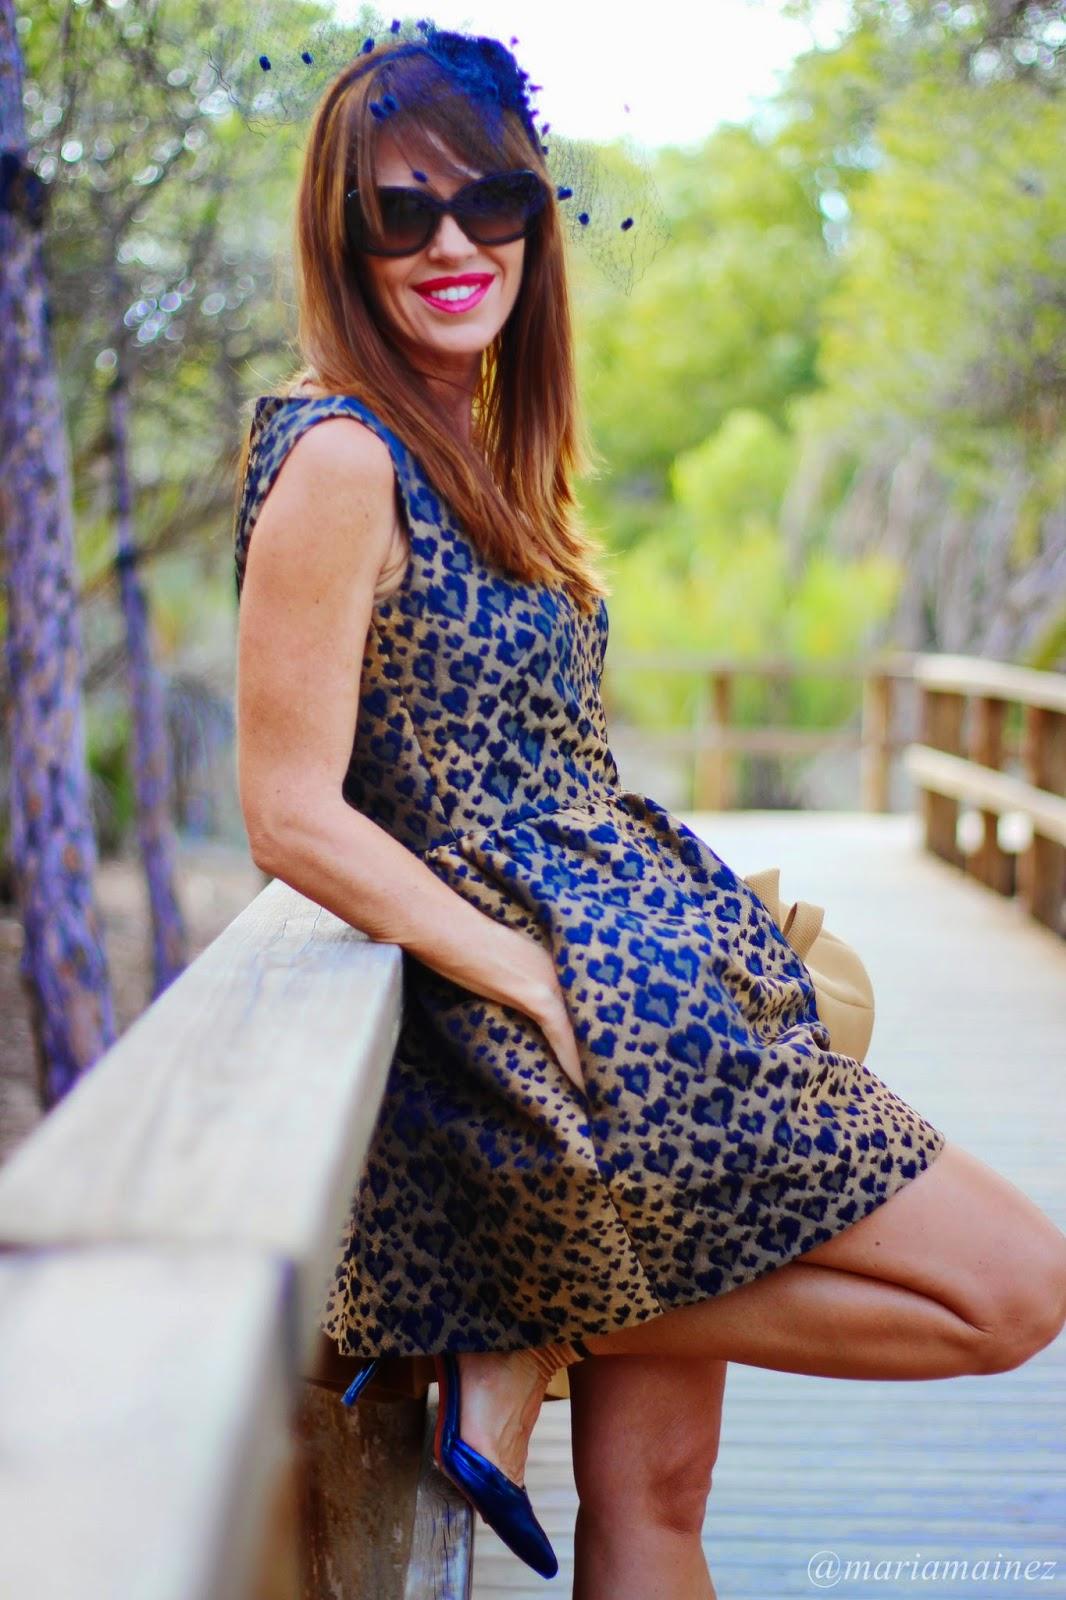 RedValentino - Boda - Leopard print - Diadema Valentino